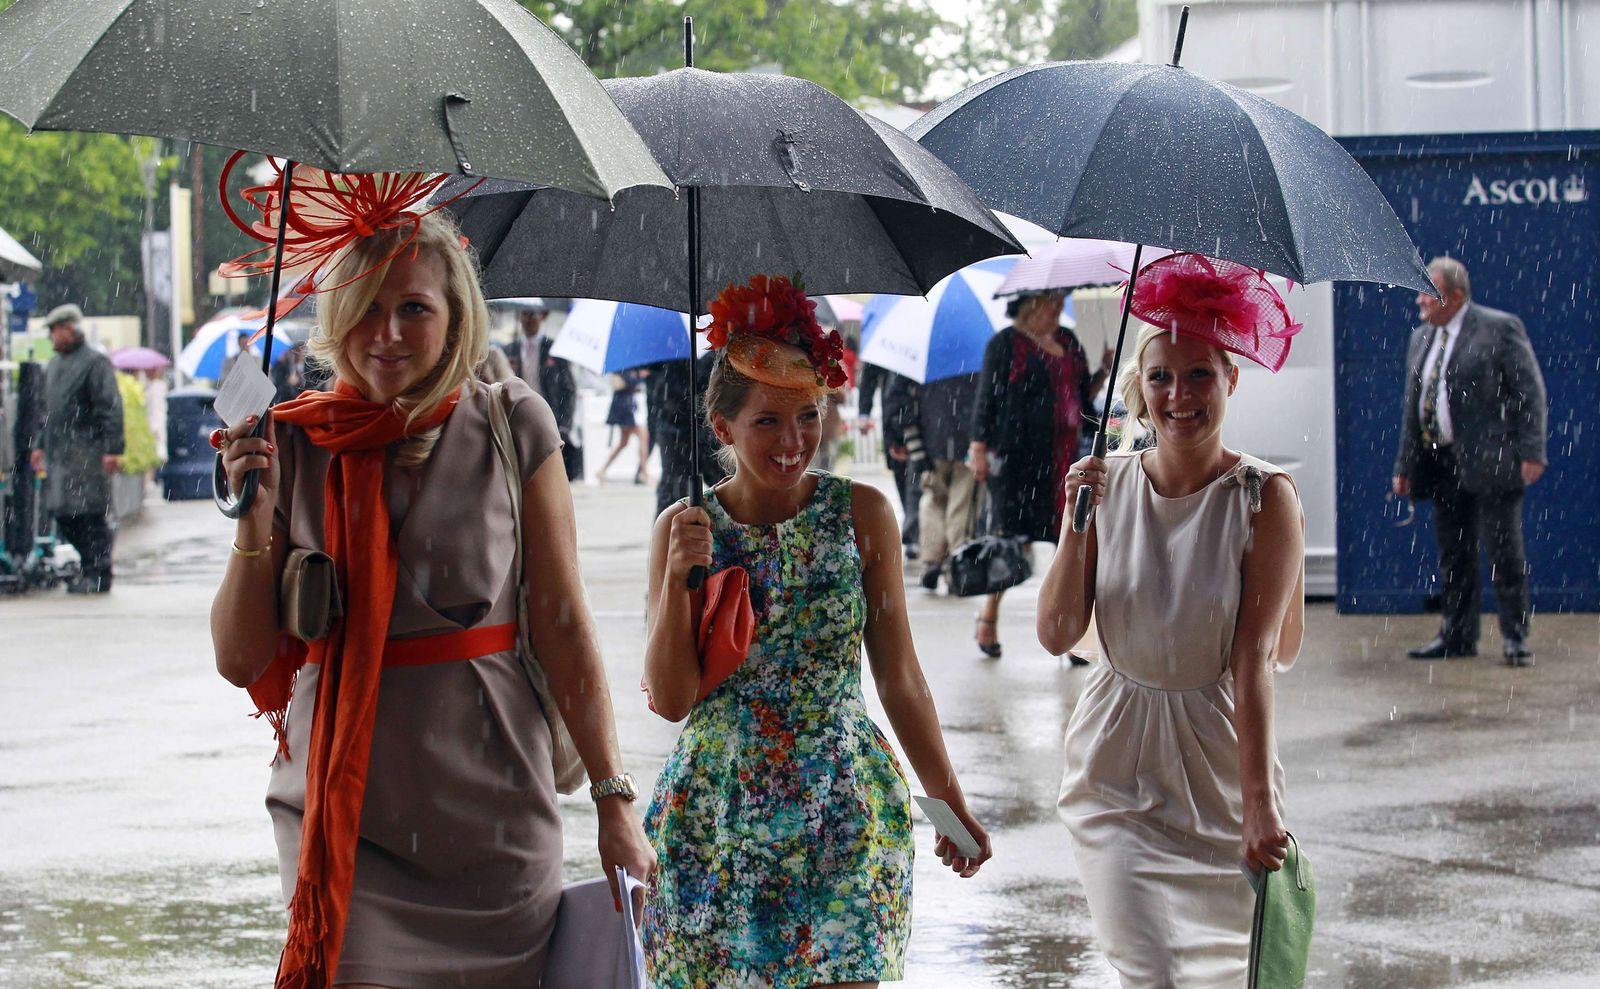 Regen in Ascot